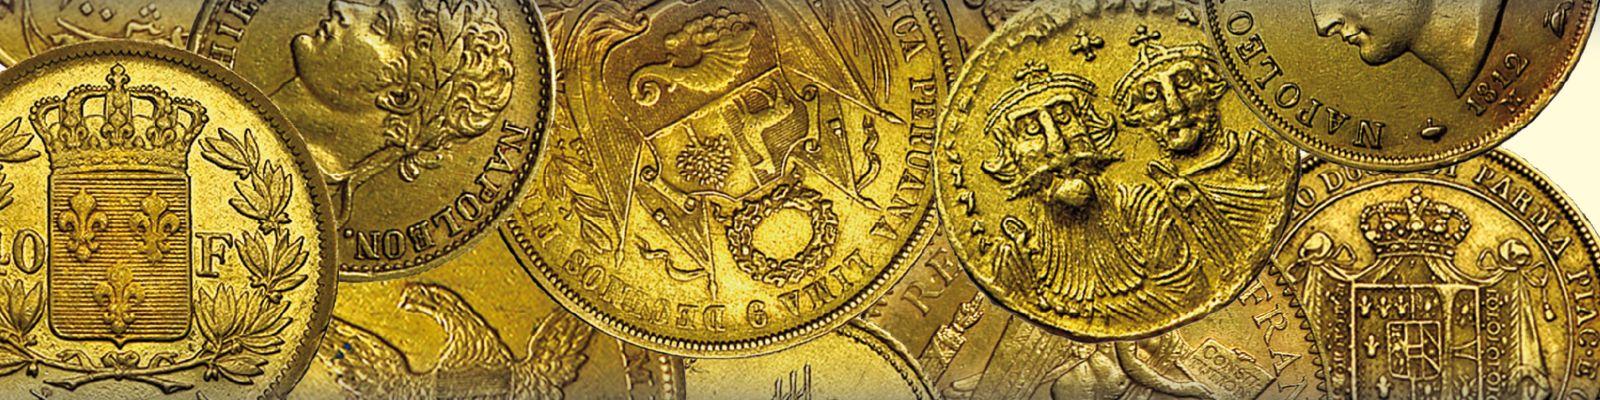 Numismatique monnaie vente enchères estimation